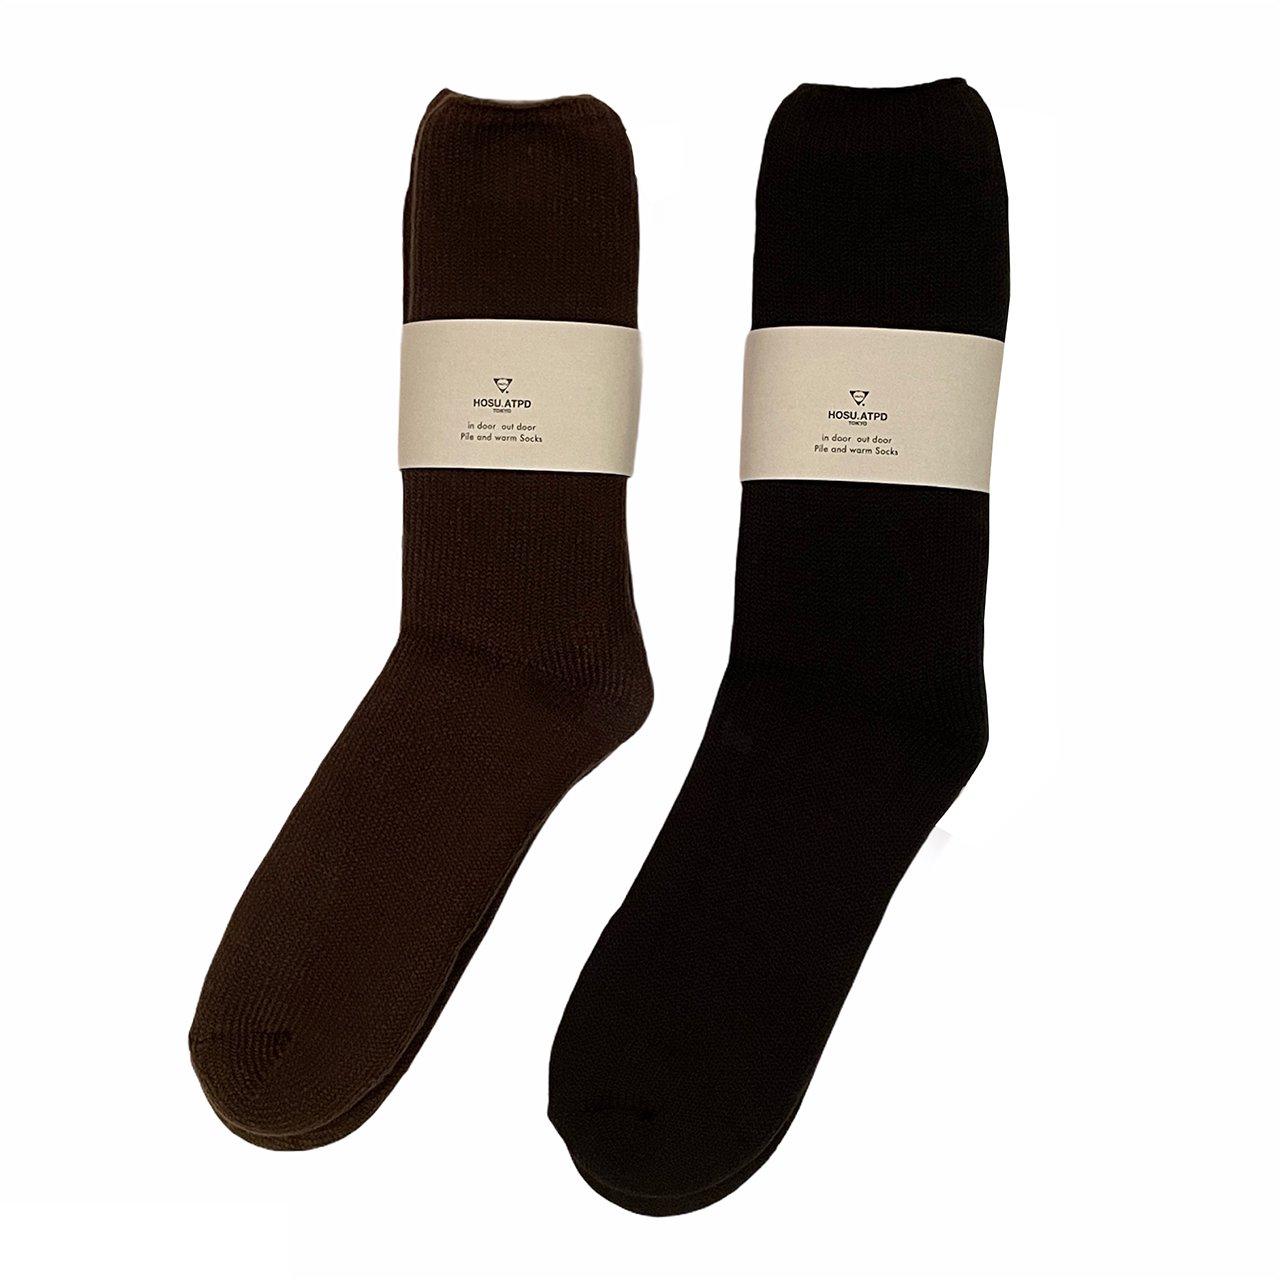 《受注生産商品》HOSU パイルウォームソックス(2色セット)/ブラウン&ブラック